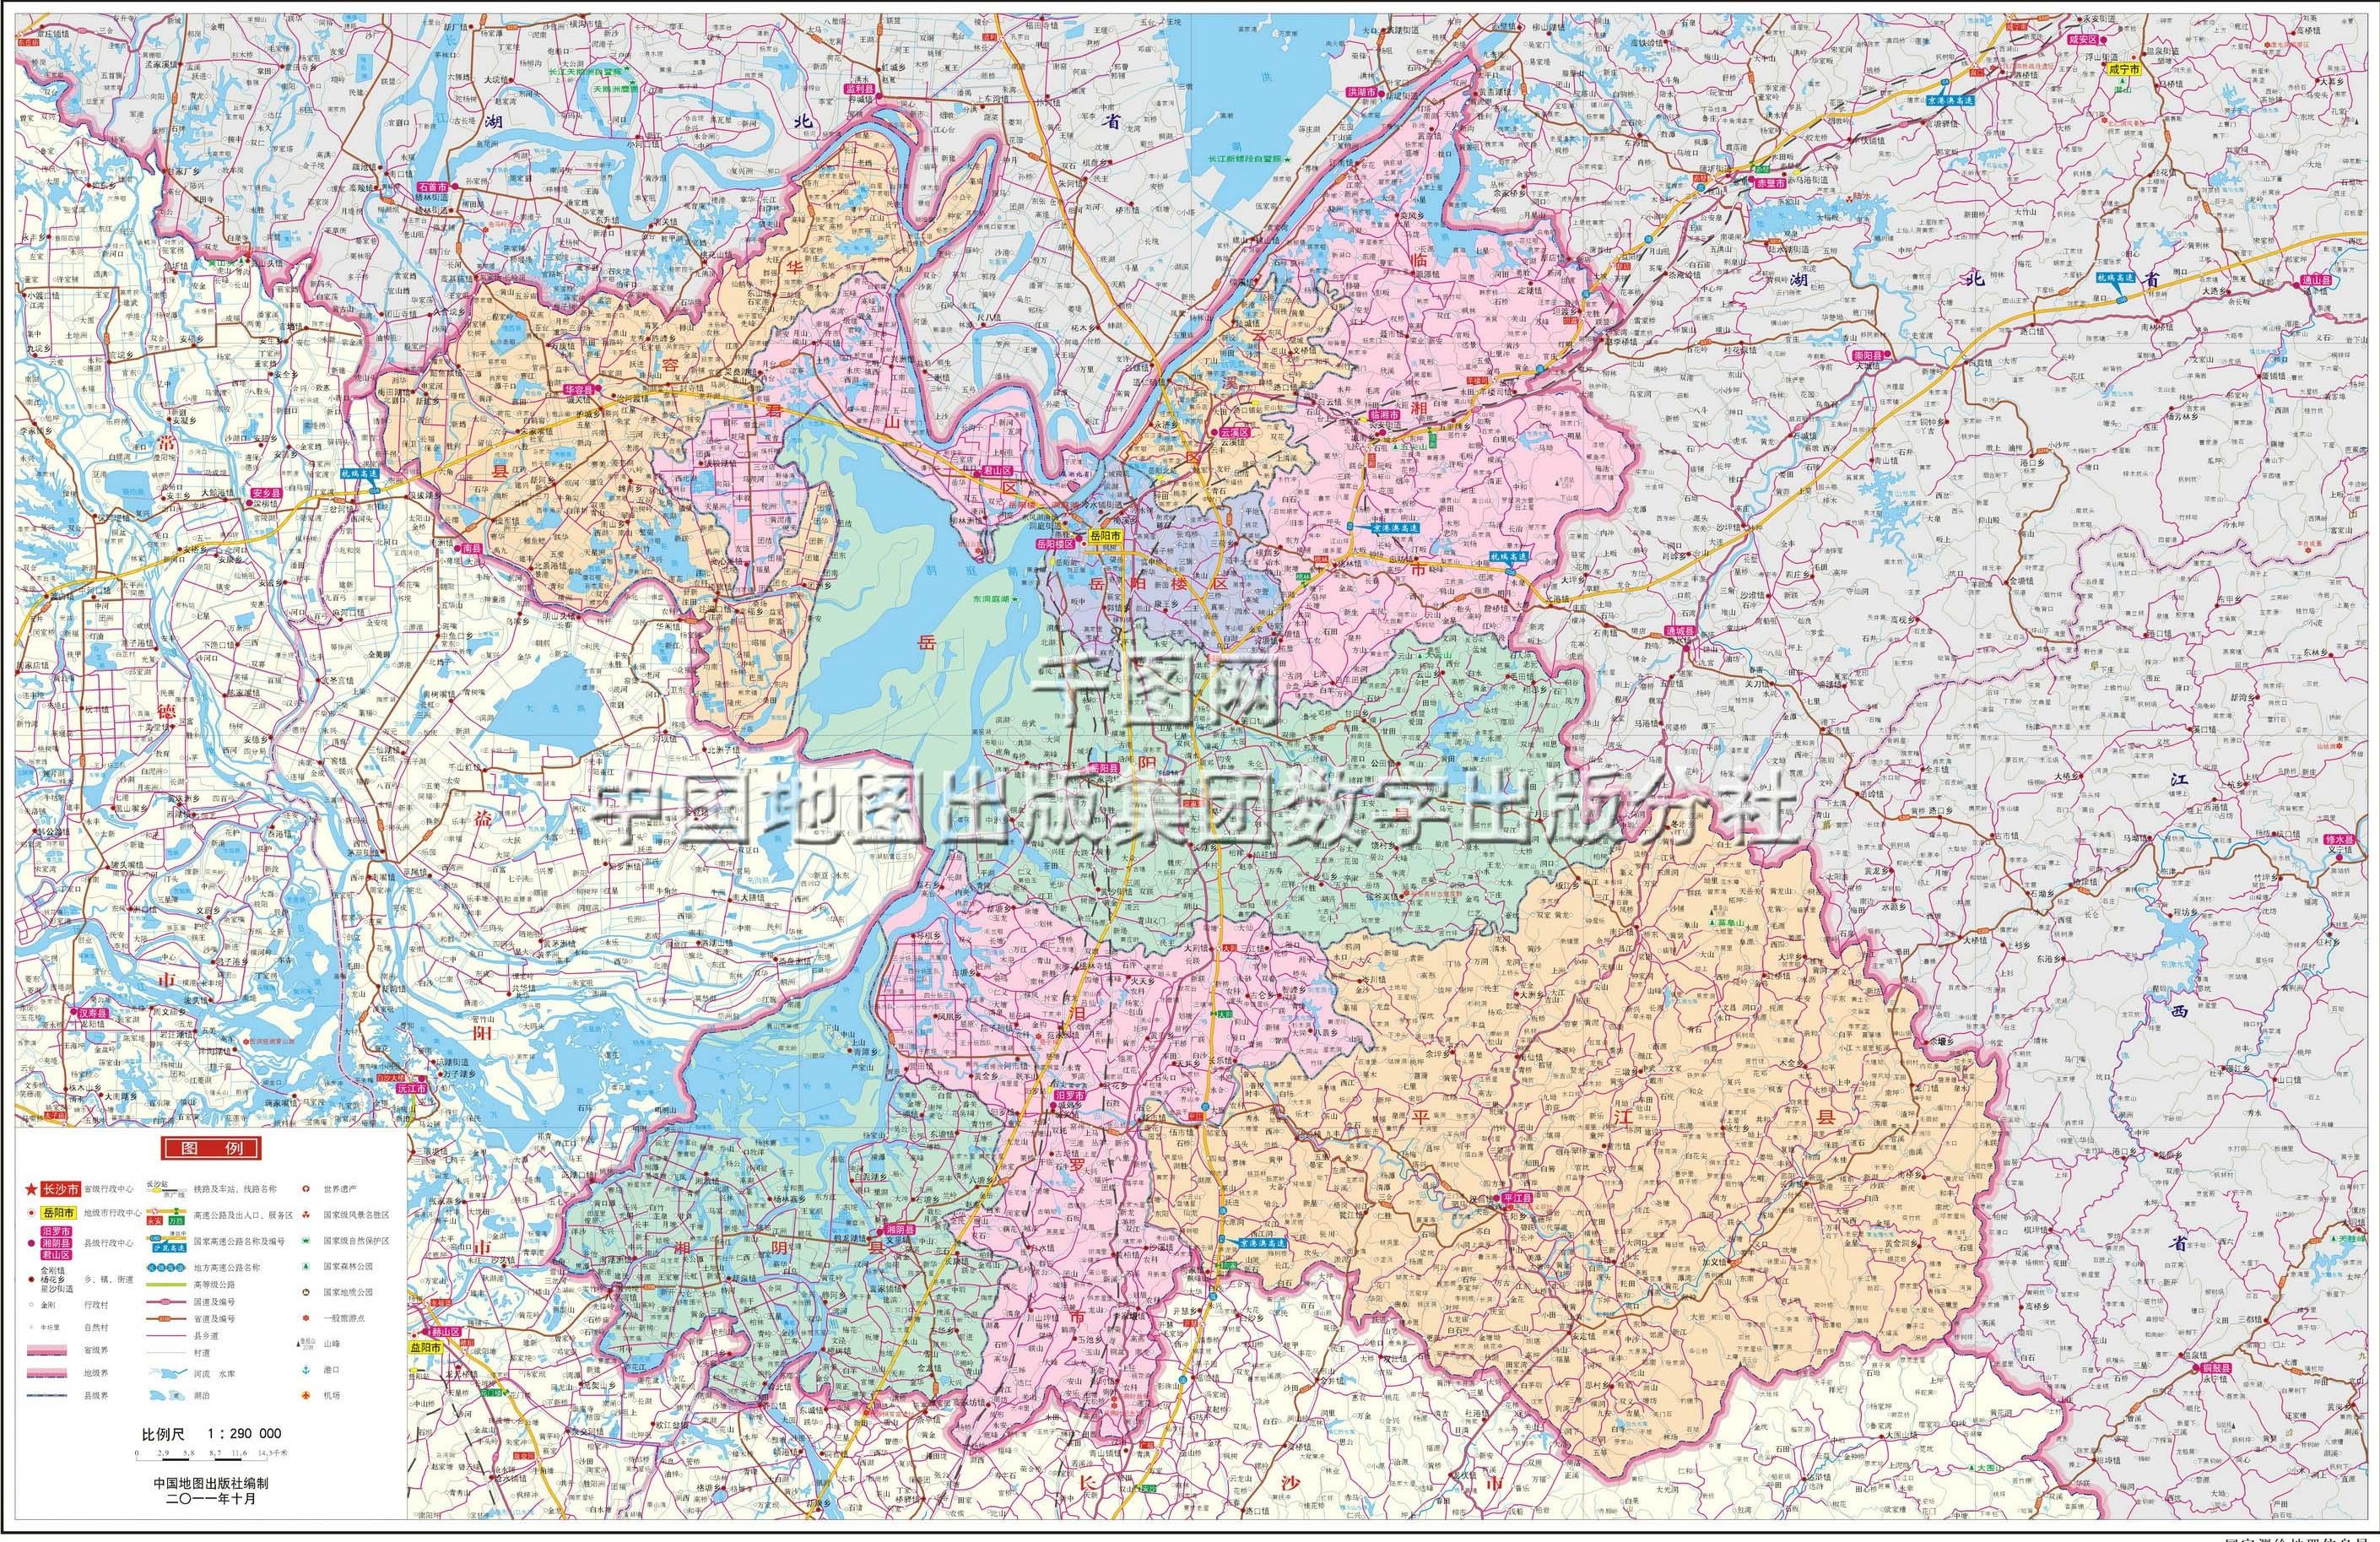 岳阳市地图高清版